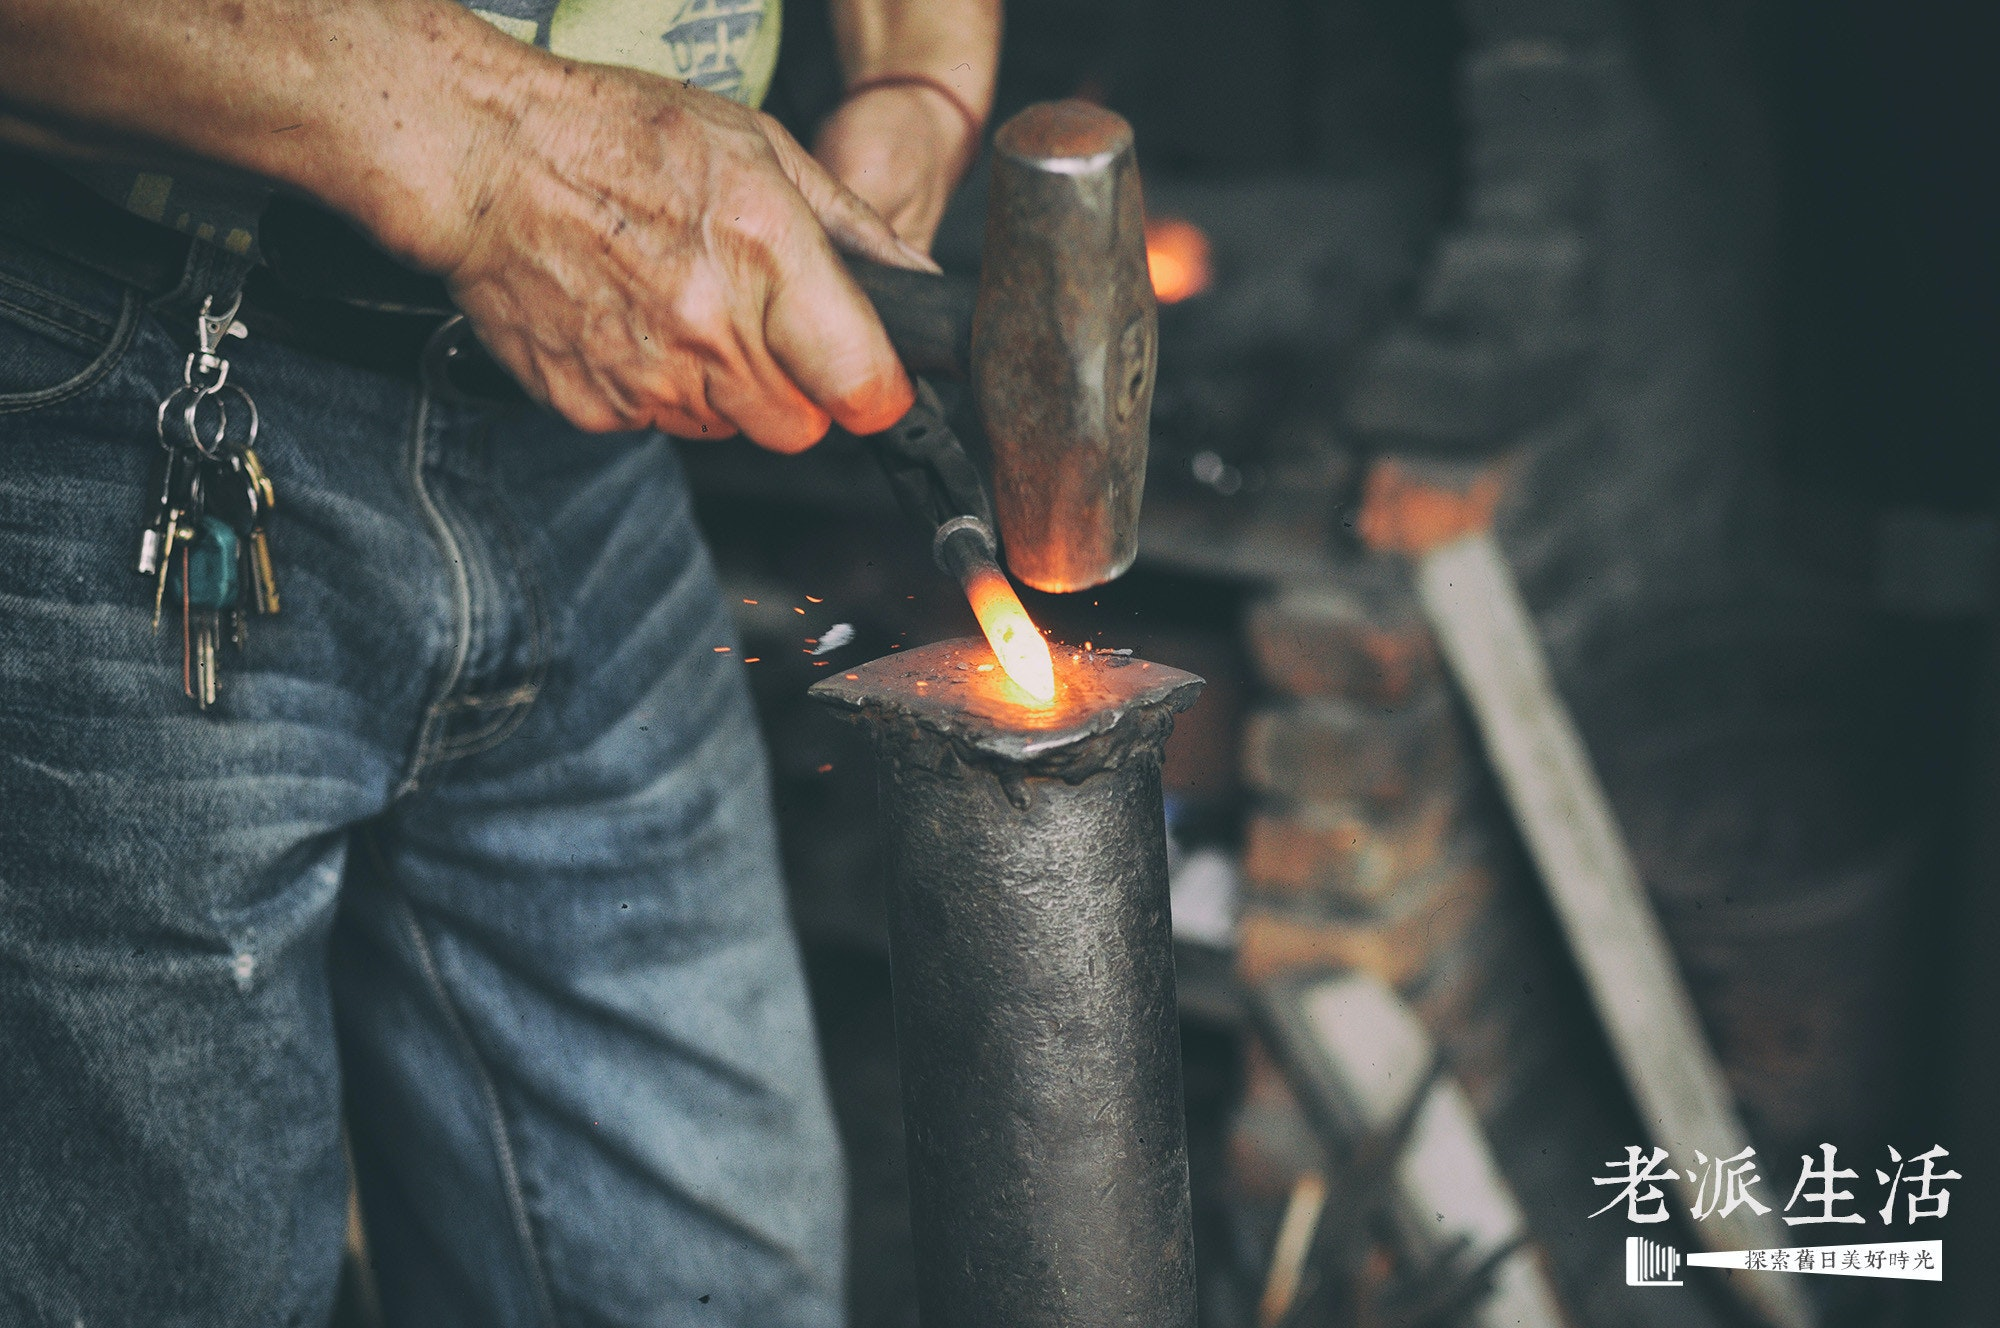 是老派生活系列 - 千錘百鍊打鐵匠,傳統產業的錘起錘落這篇文章的首圖